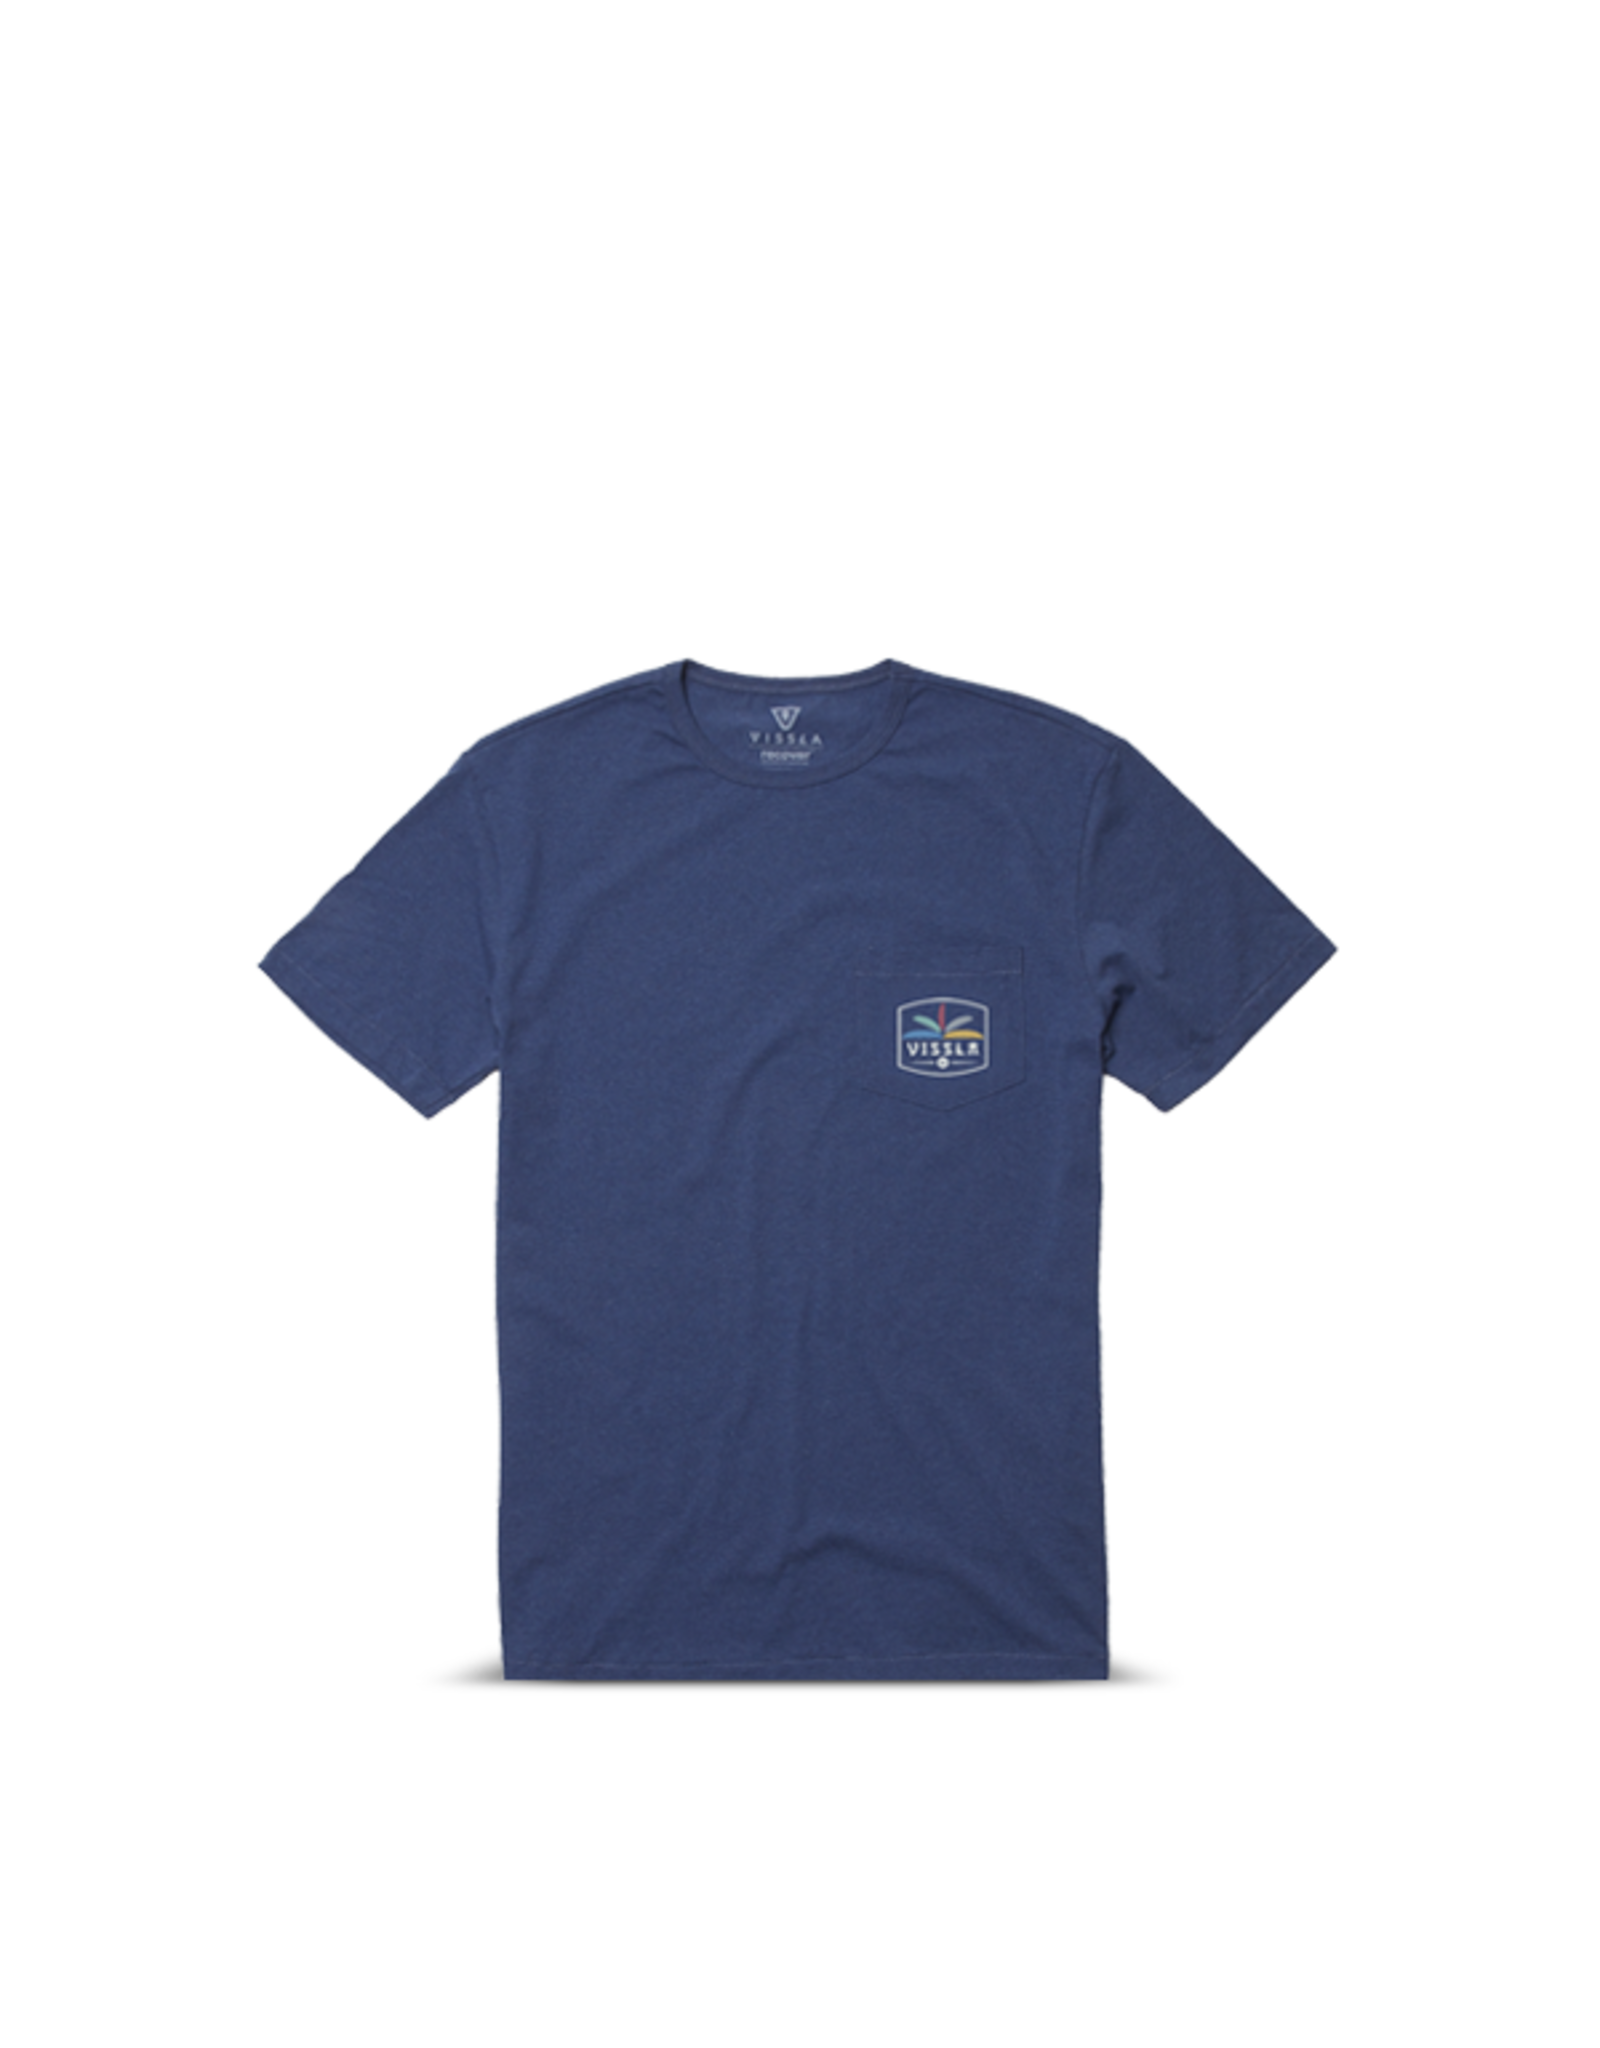 Vissla Vissla - T-shirt homme cosmic garden upcycled dark denim